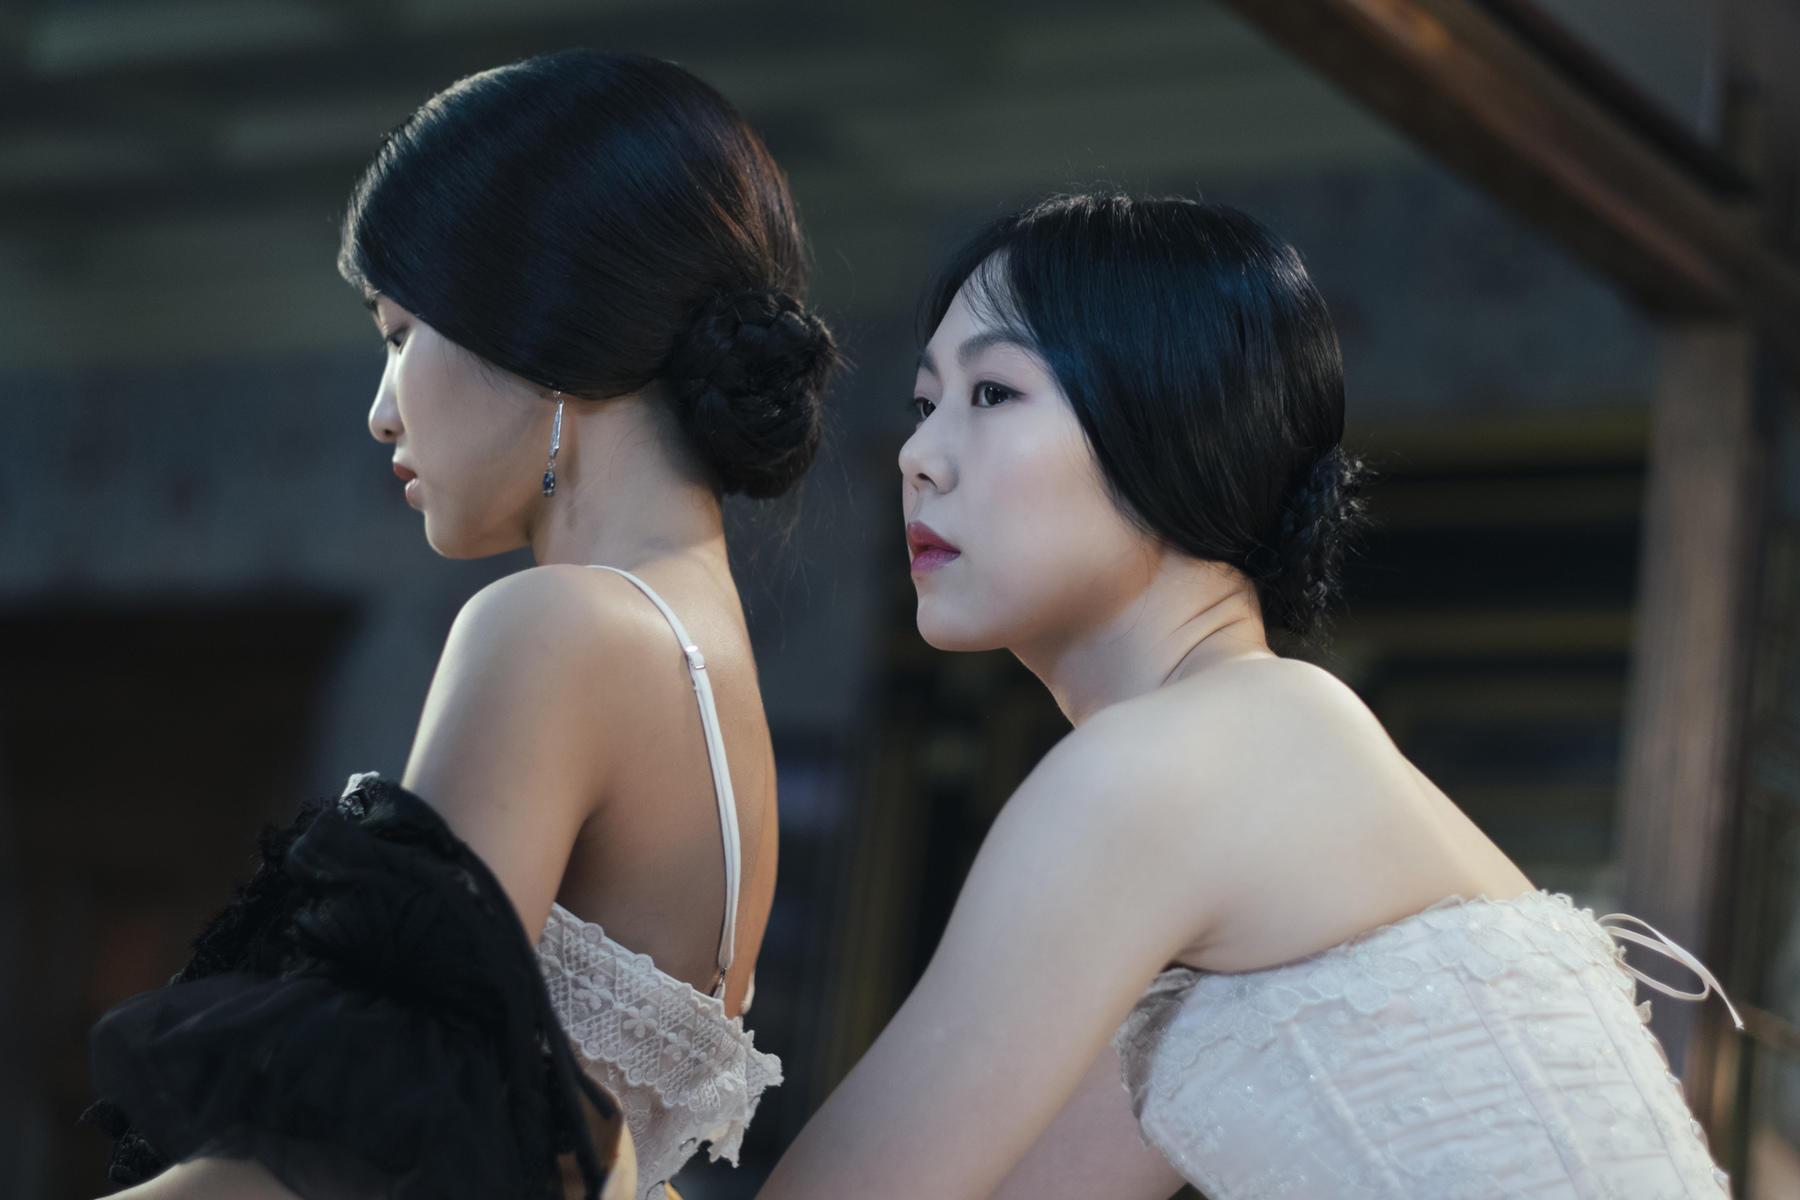 Tae-ri Kim e Min-hee Kim no deslumbrante The Handmaiden, de Park Chan-wook (photo by moviepilot.de)